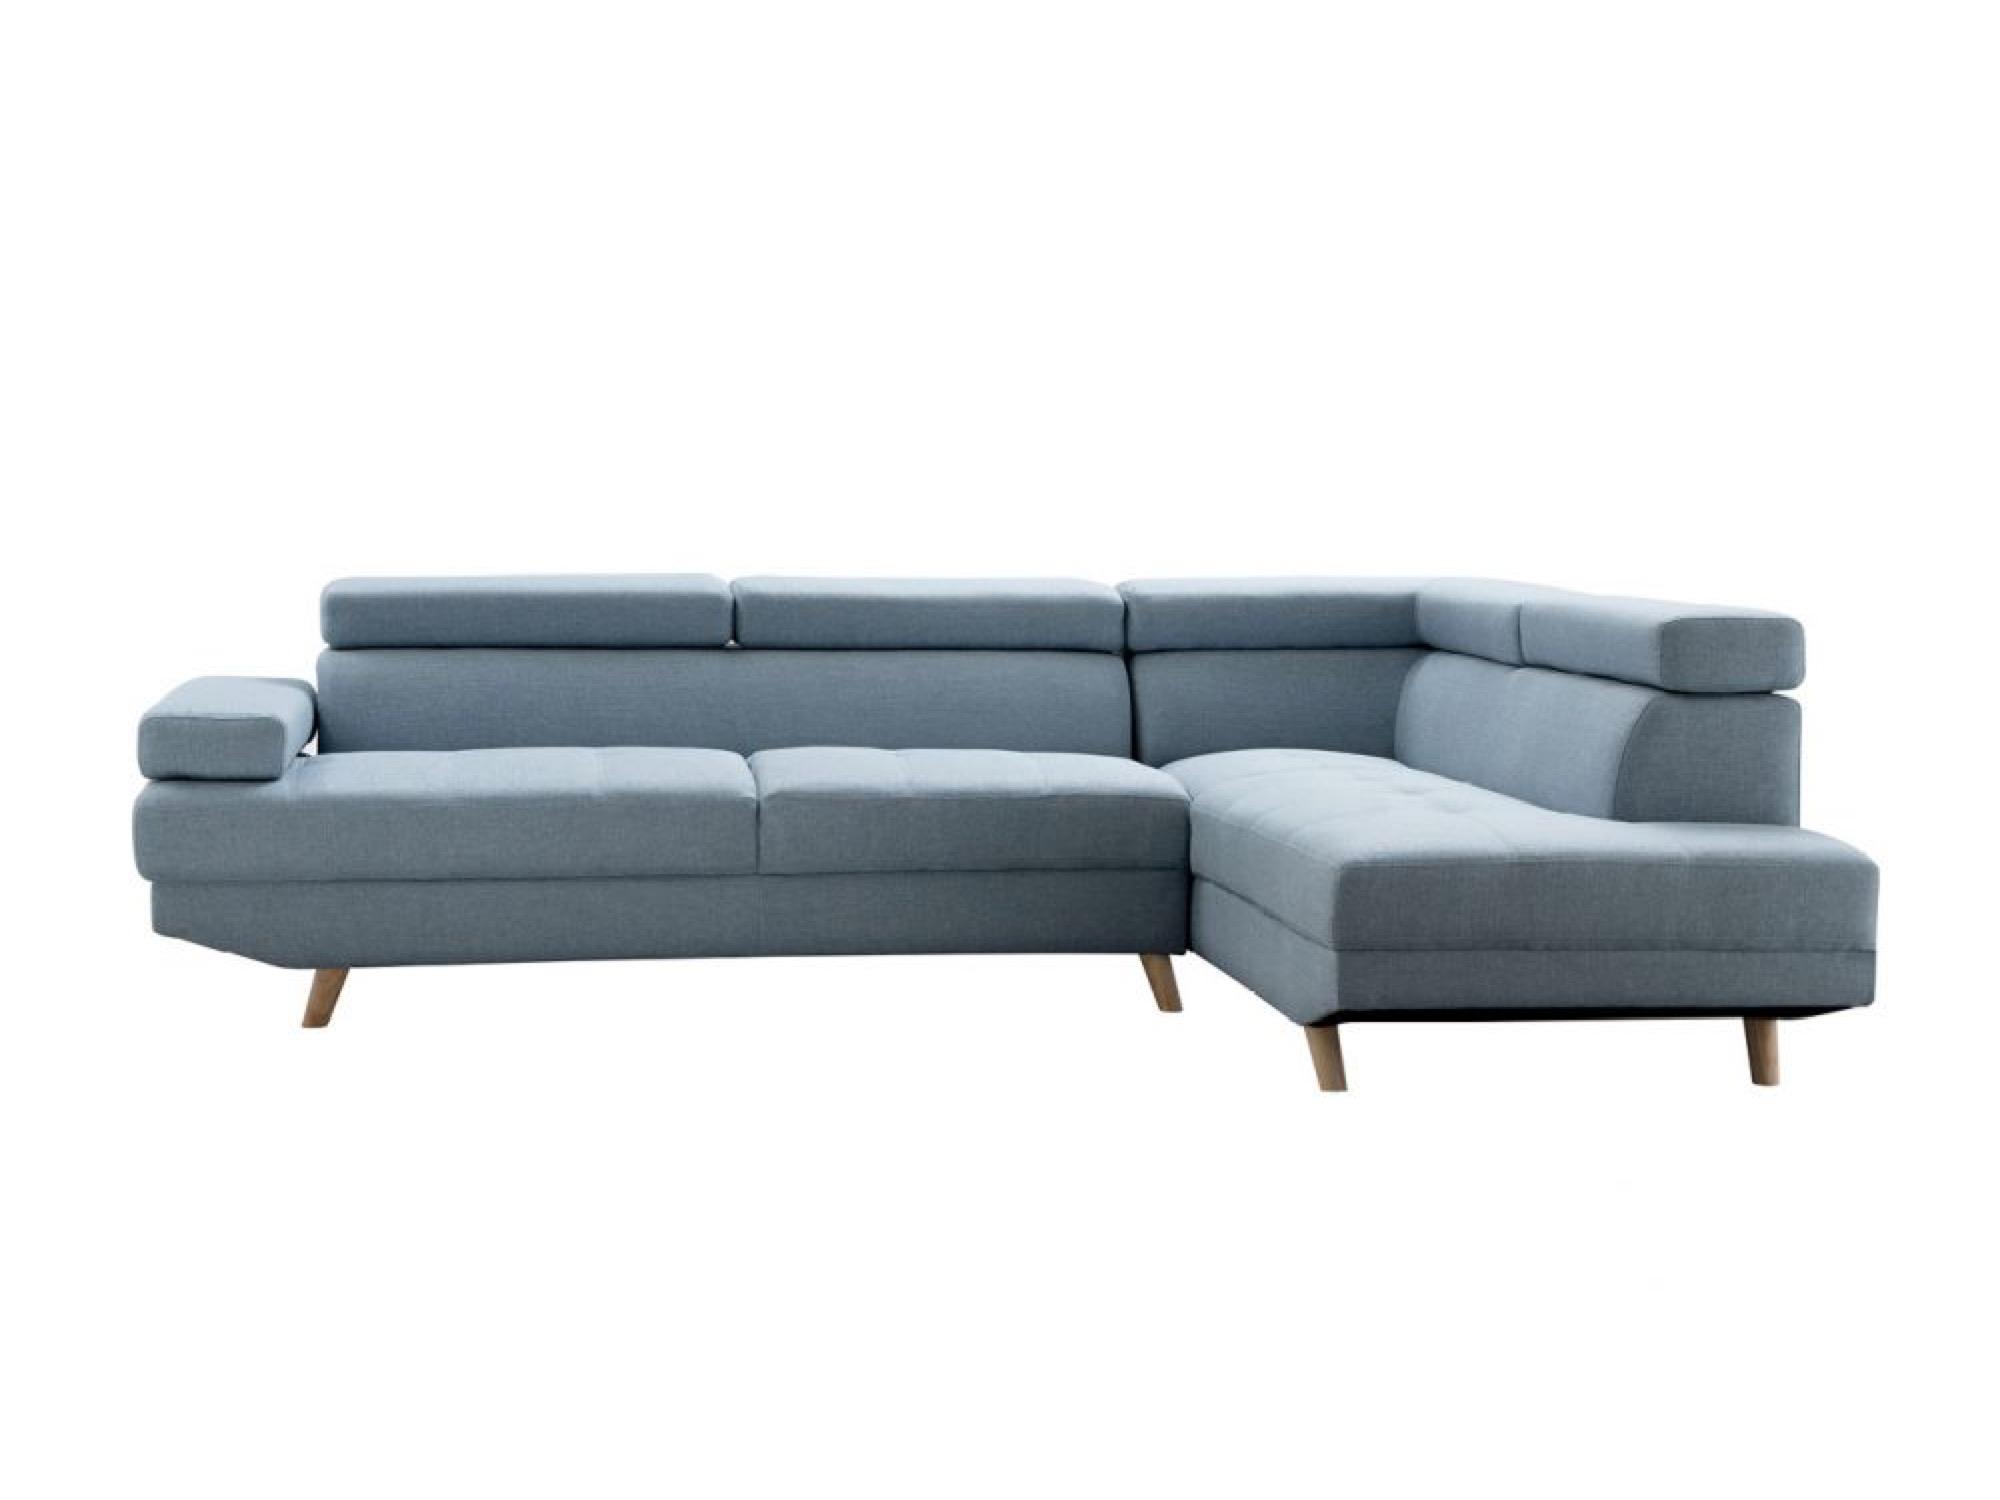 Canapé d'angle 4 places Bleu Tissu Design Confort